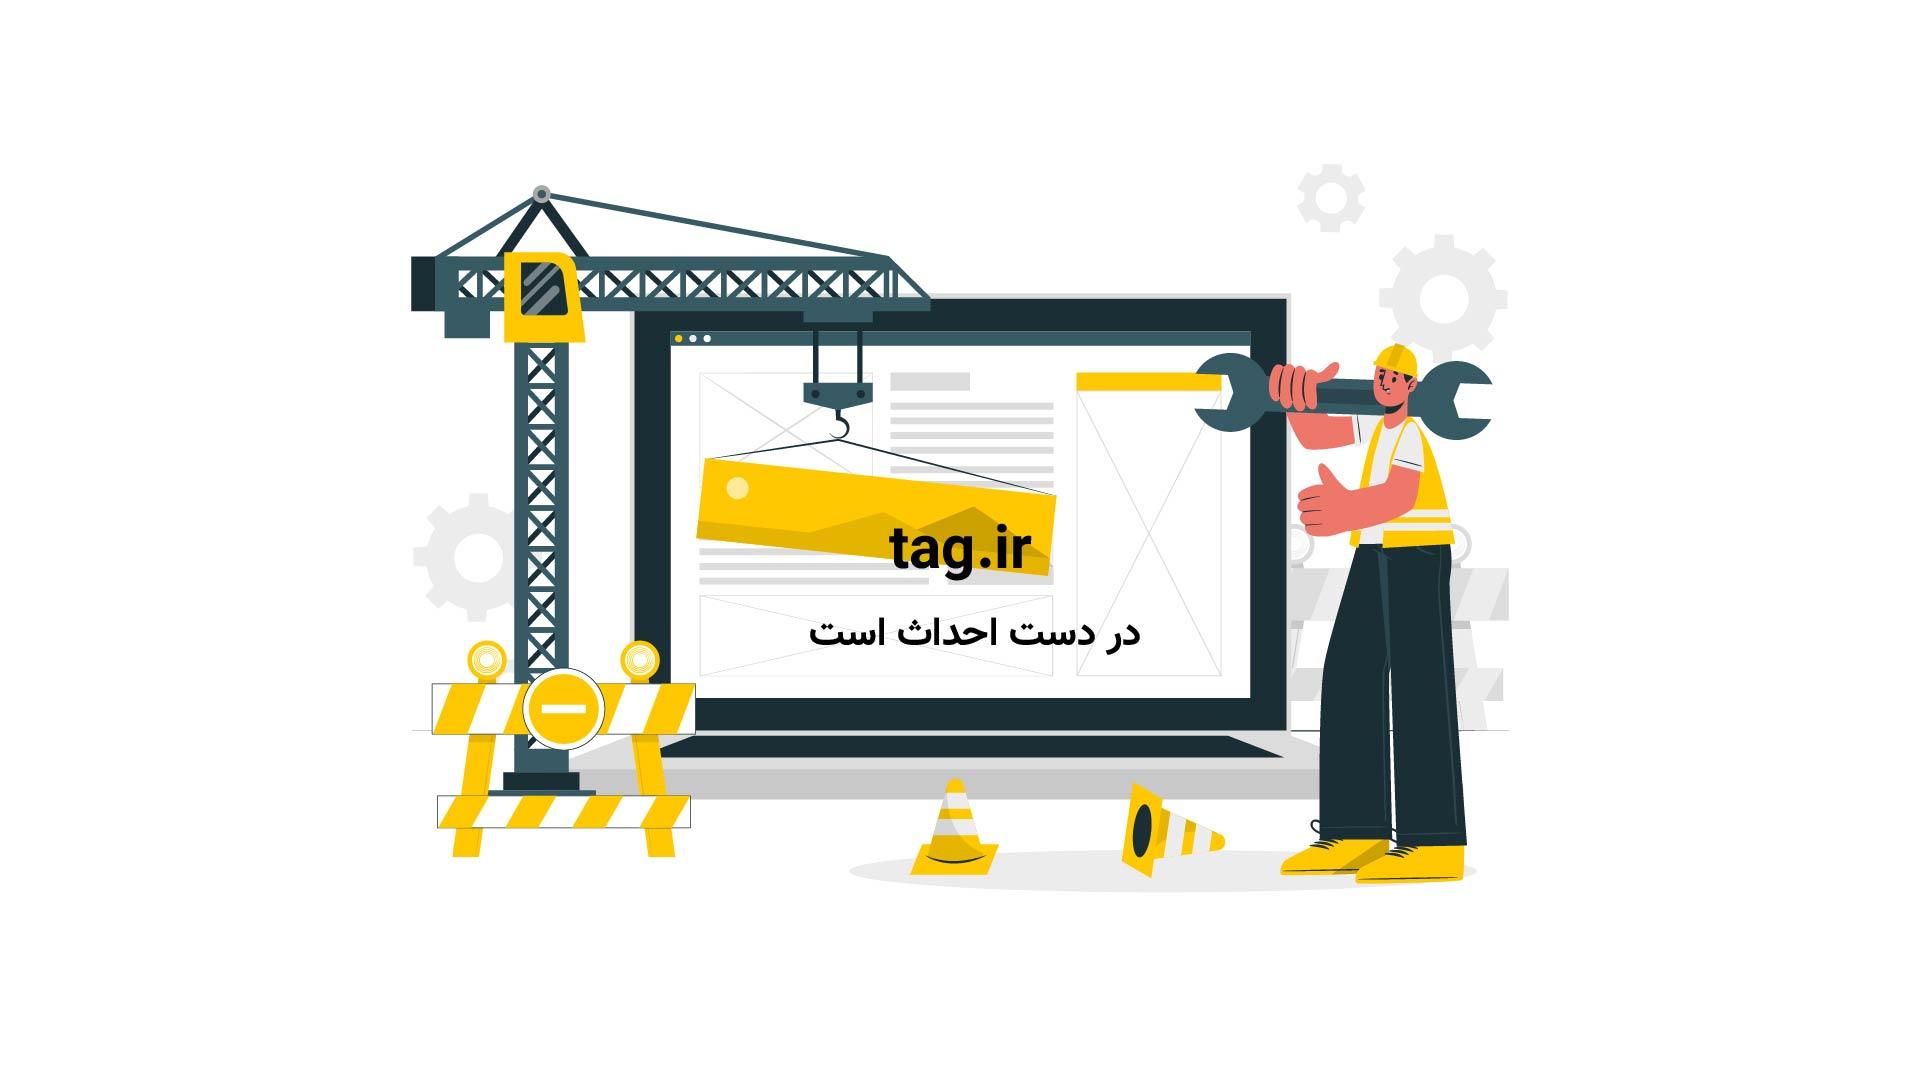 فیلم دیدنی مداحی حاج محمود کریمی در دسته زنجیر زنی